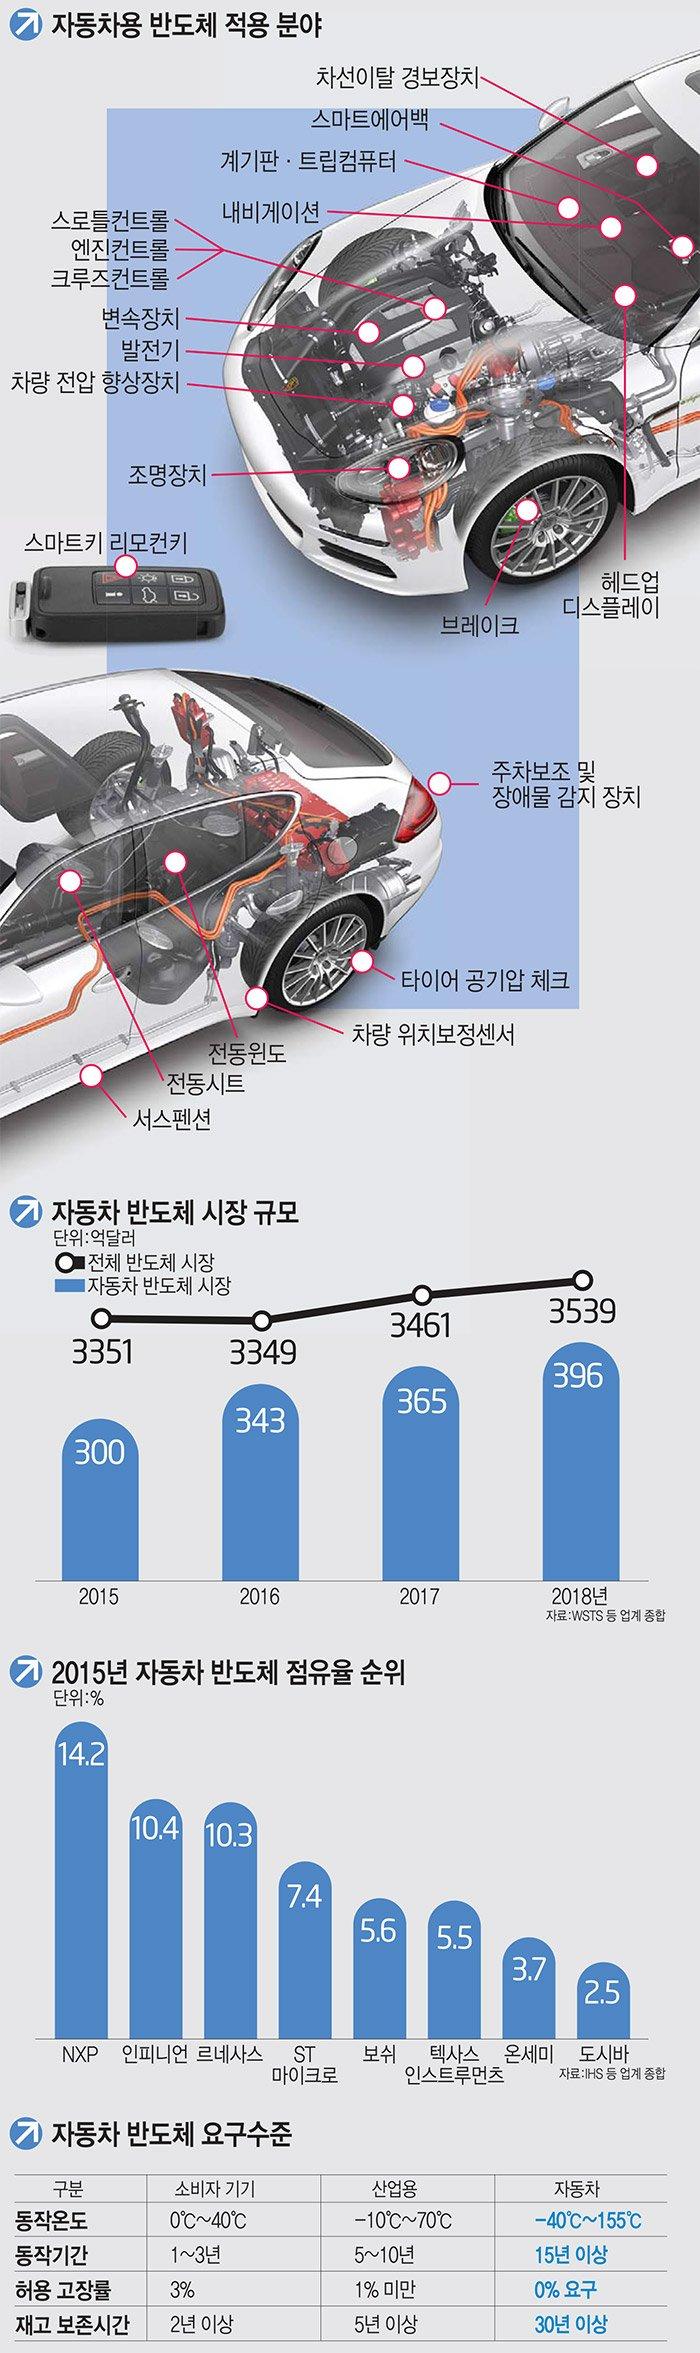 [이슈분석]한국 반도체 자동차 시장 국산화율 3% 그쳐… 대응력 높여야